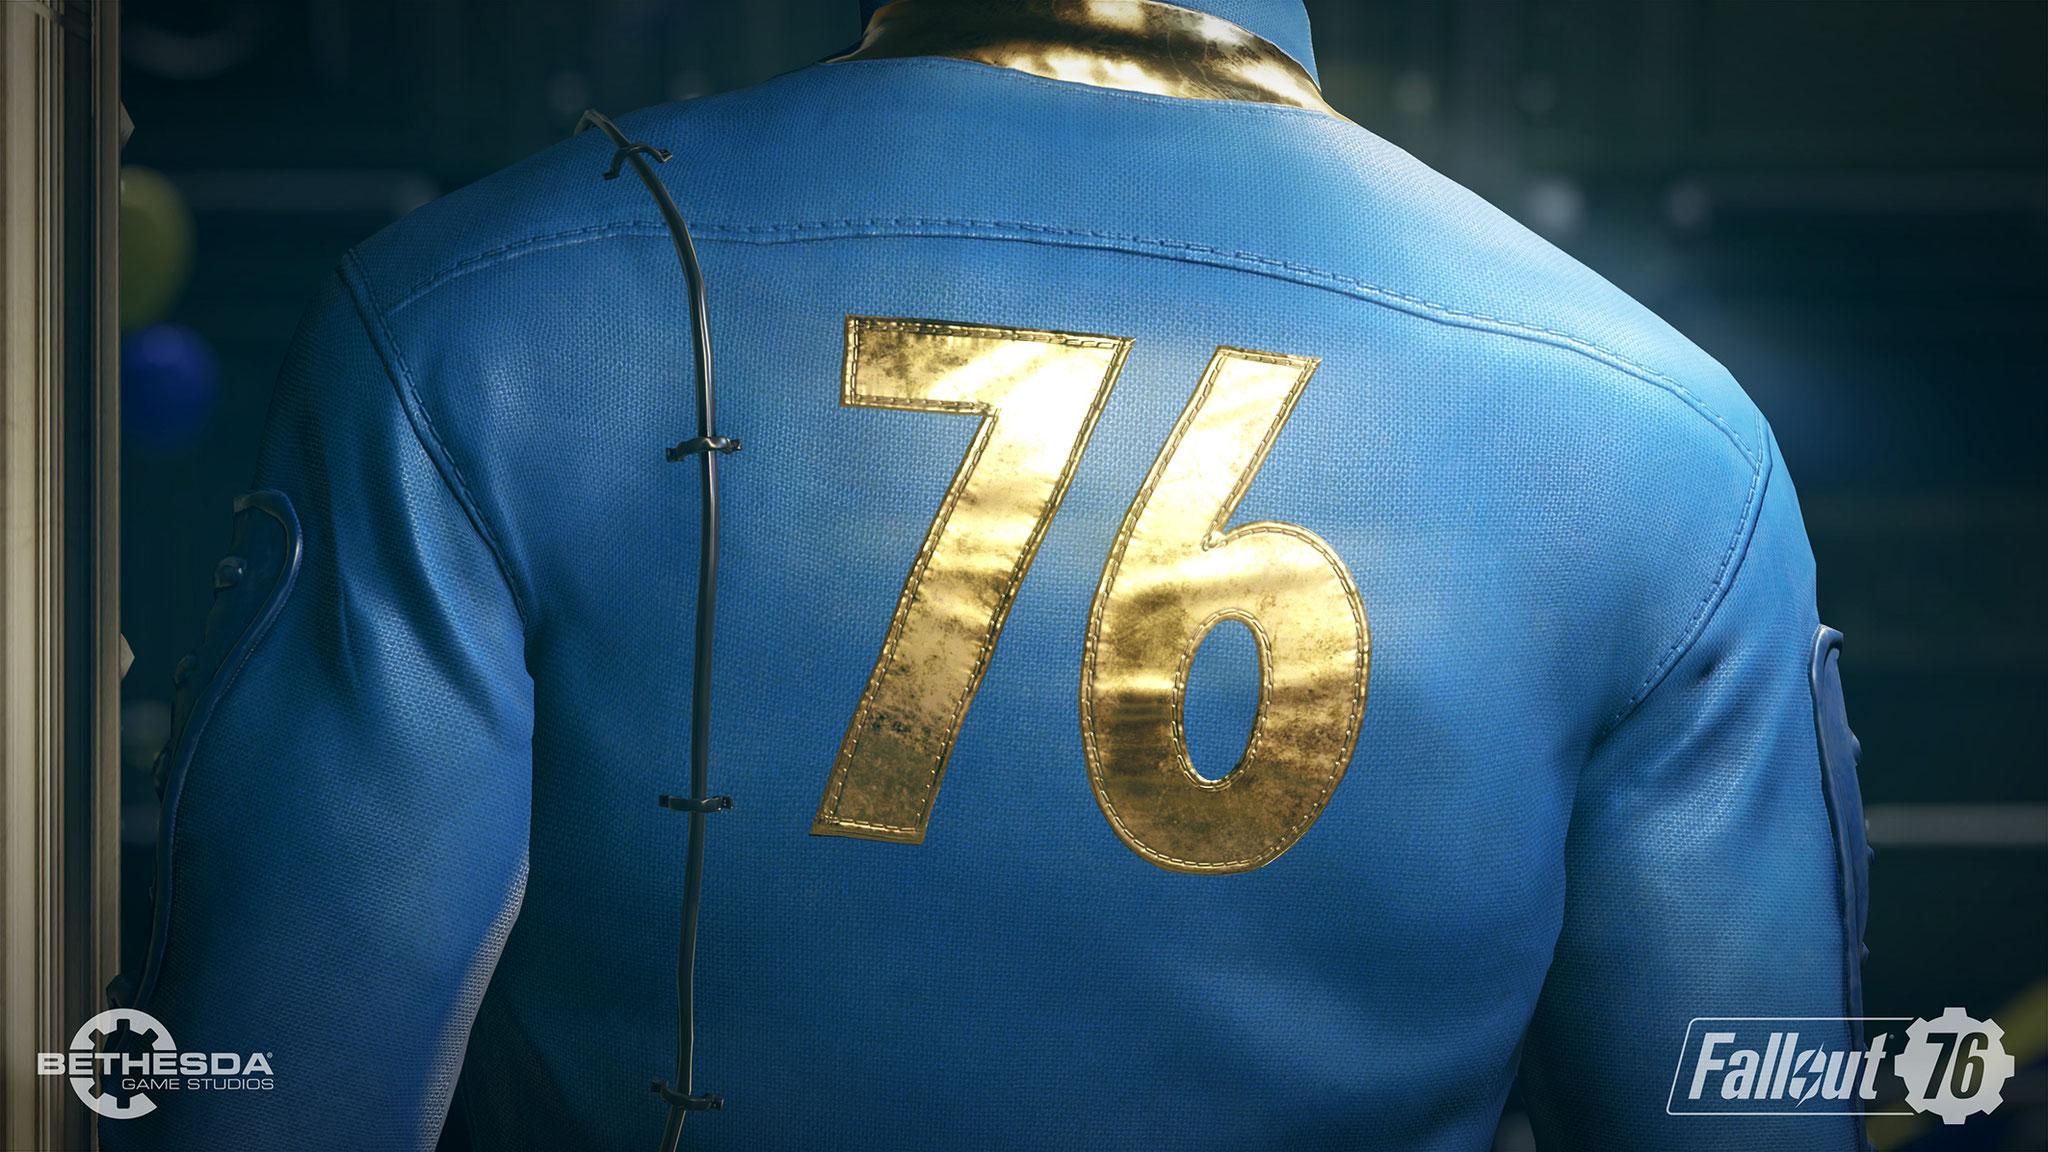 """Für den ersten Online-Ableger seiner Rollenspielreihe """"Fallout"""" setzt Hersteller und Entwickler Bethesda auf bekannte Serien-Trademarks wie die blauen Anzüge der Vault-Bewohner oder ..."""